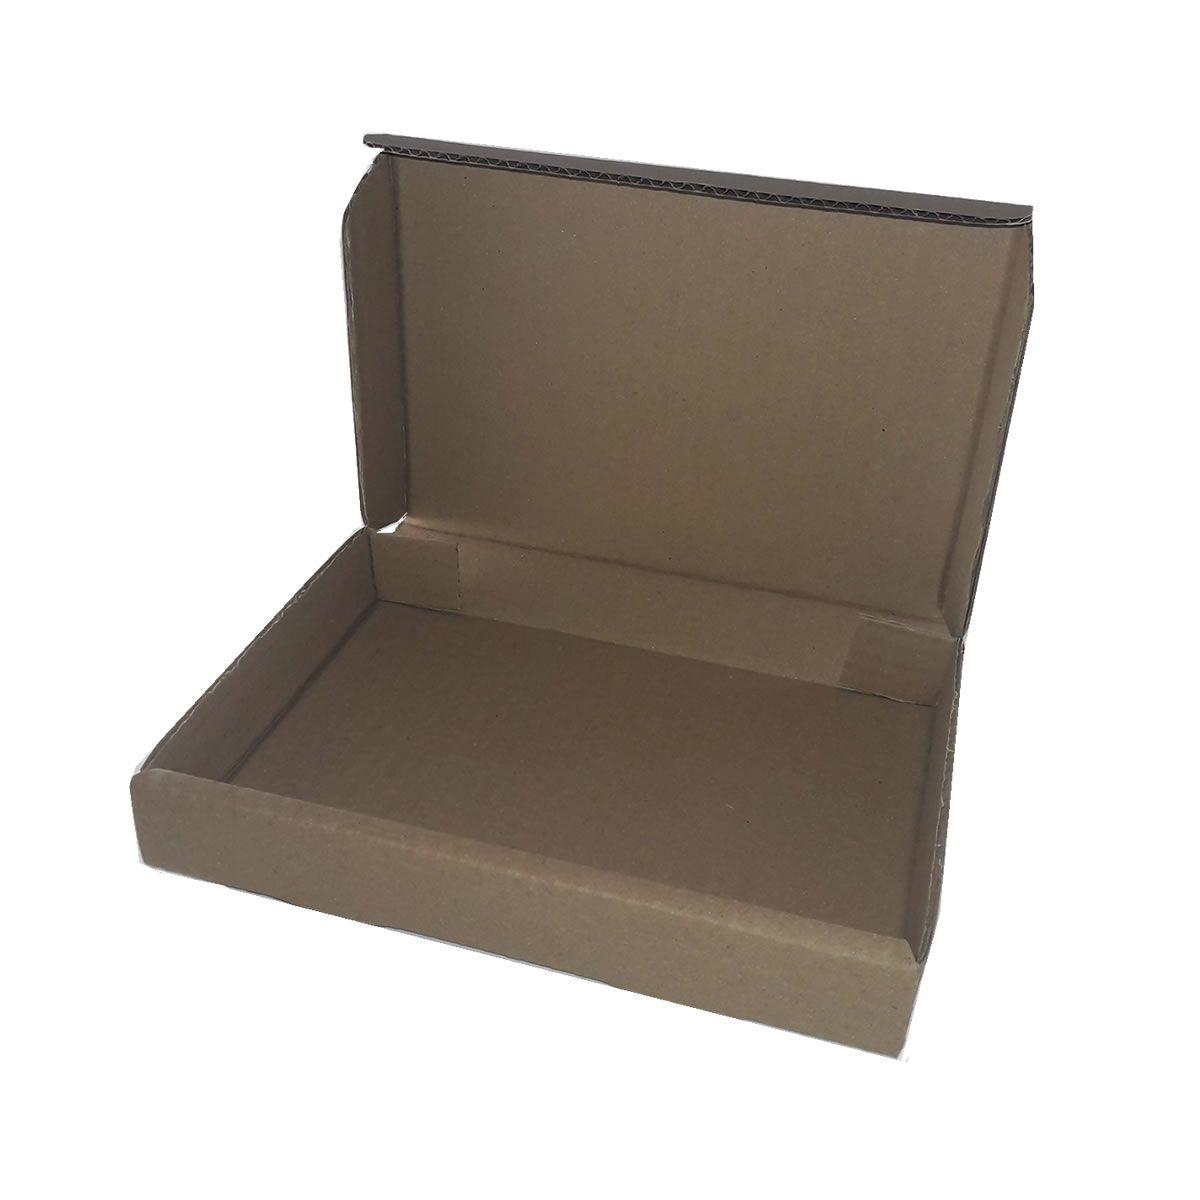 25 Caixas de Papelão 21x15x3 cm para correio e transportes